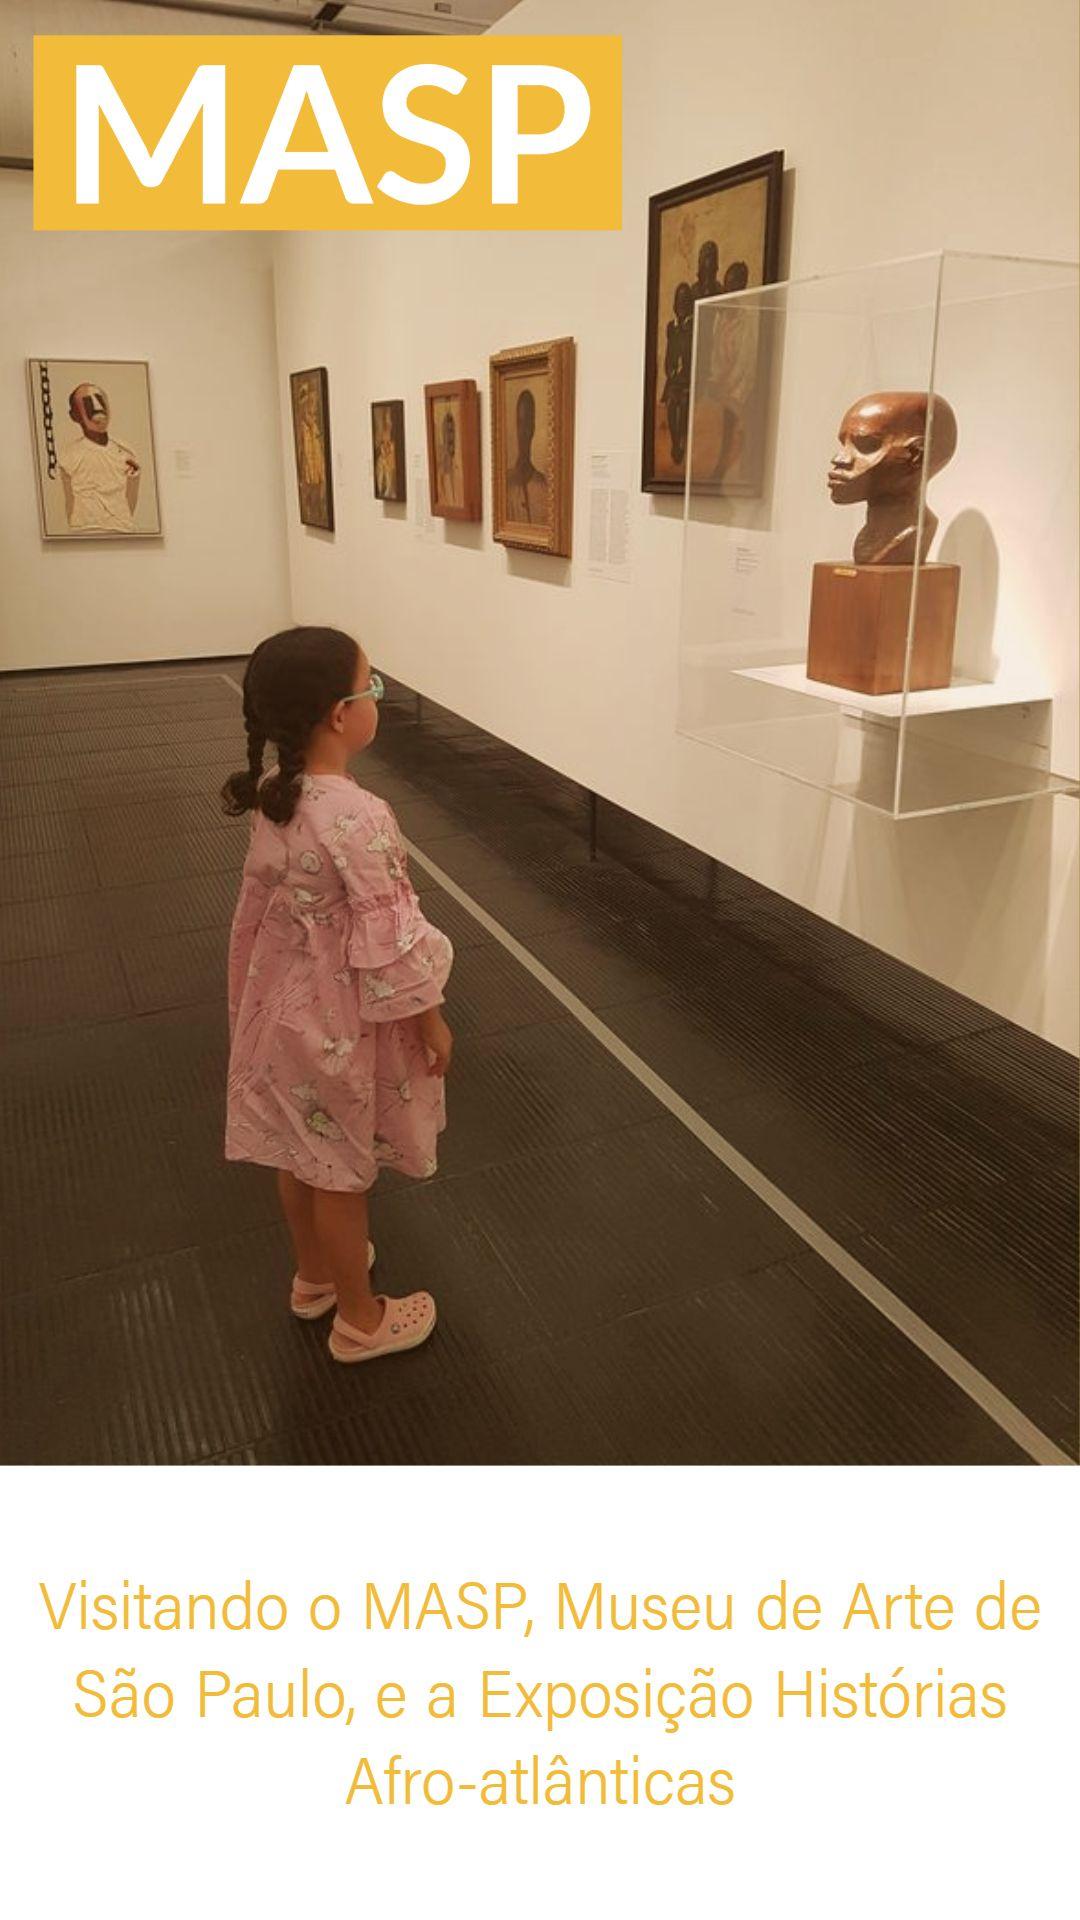 Masp Museu De Arte De Sao Paulo E A Exposicao Historias Afro